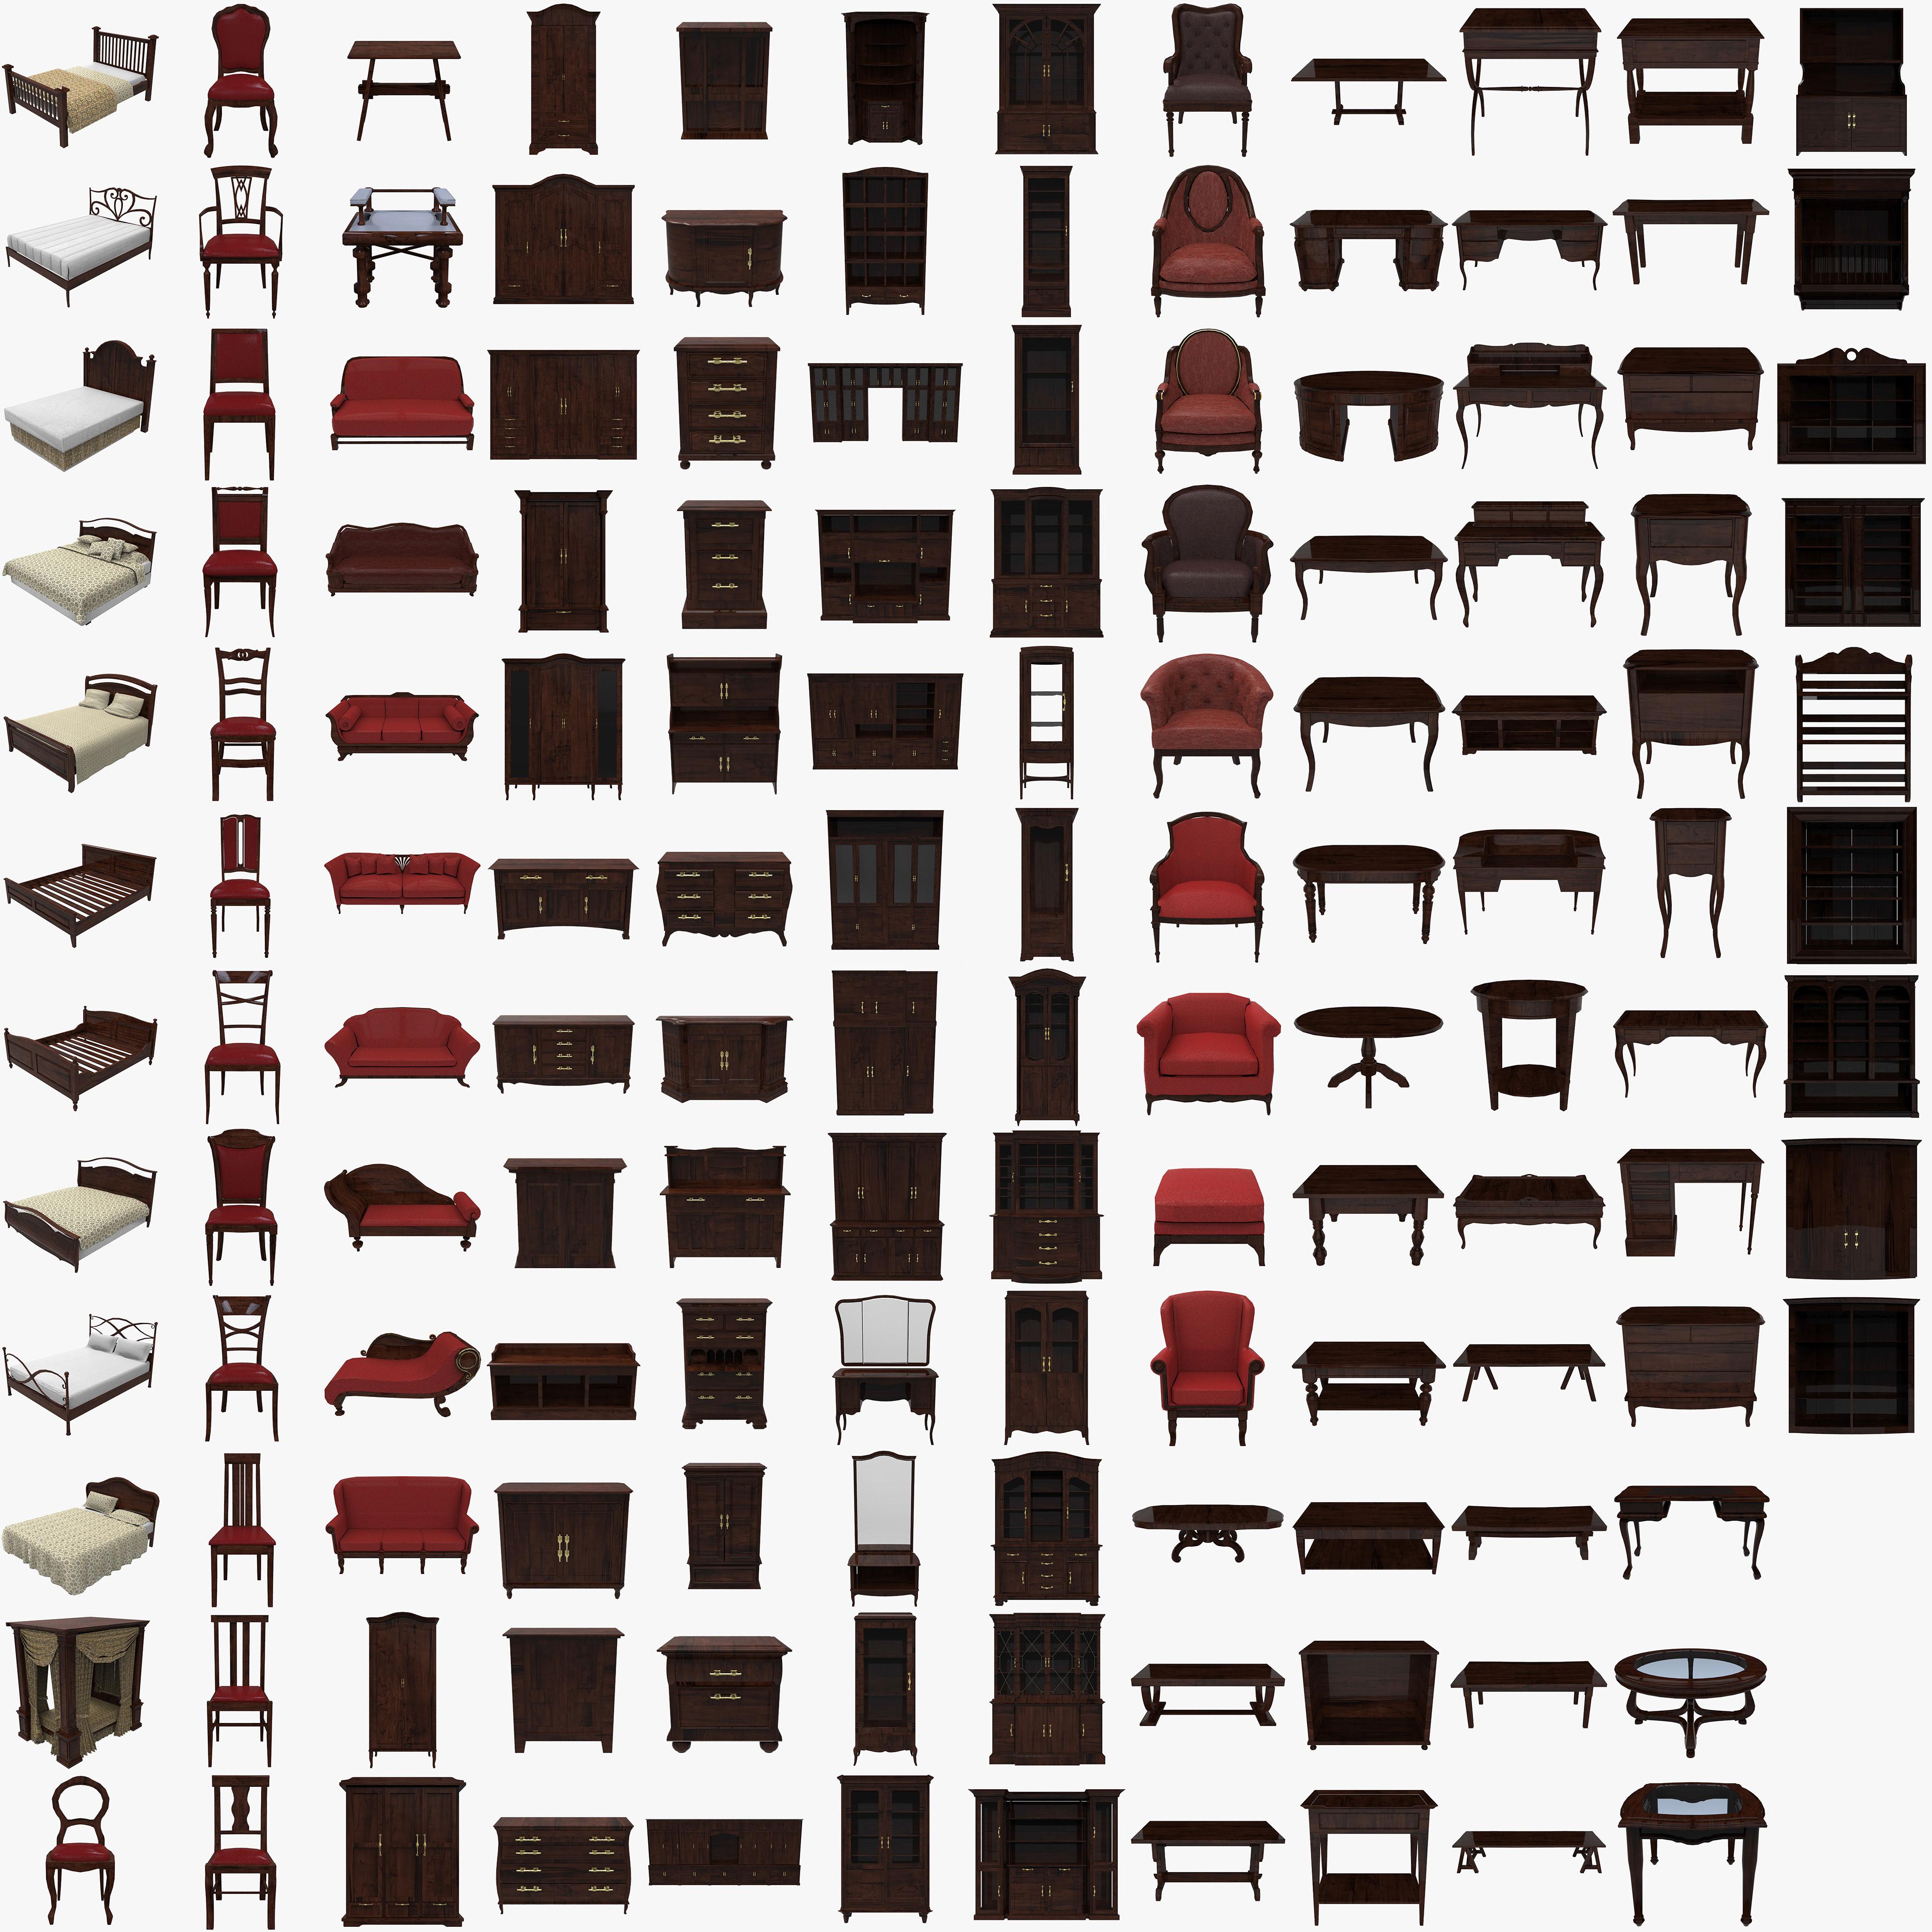 furnishing.jpg